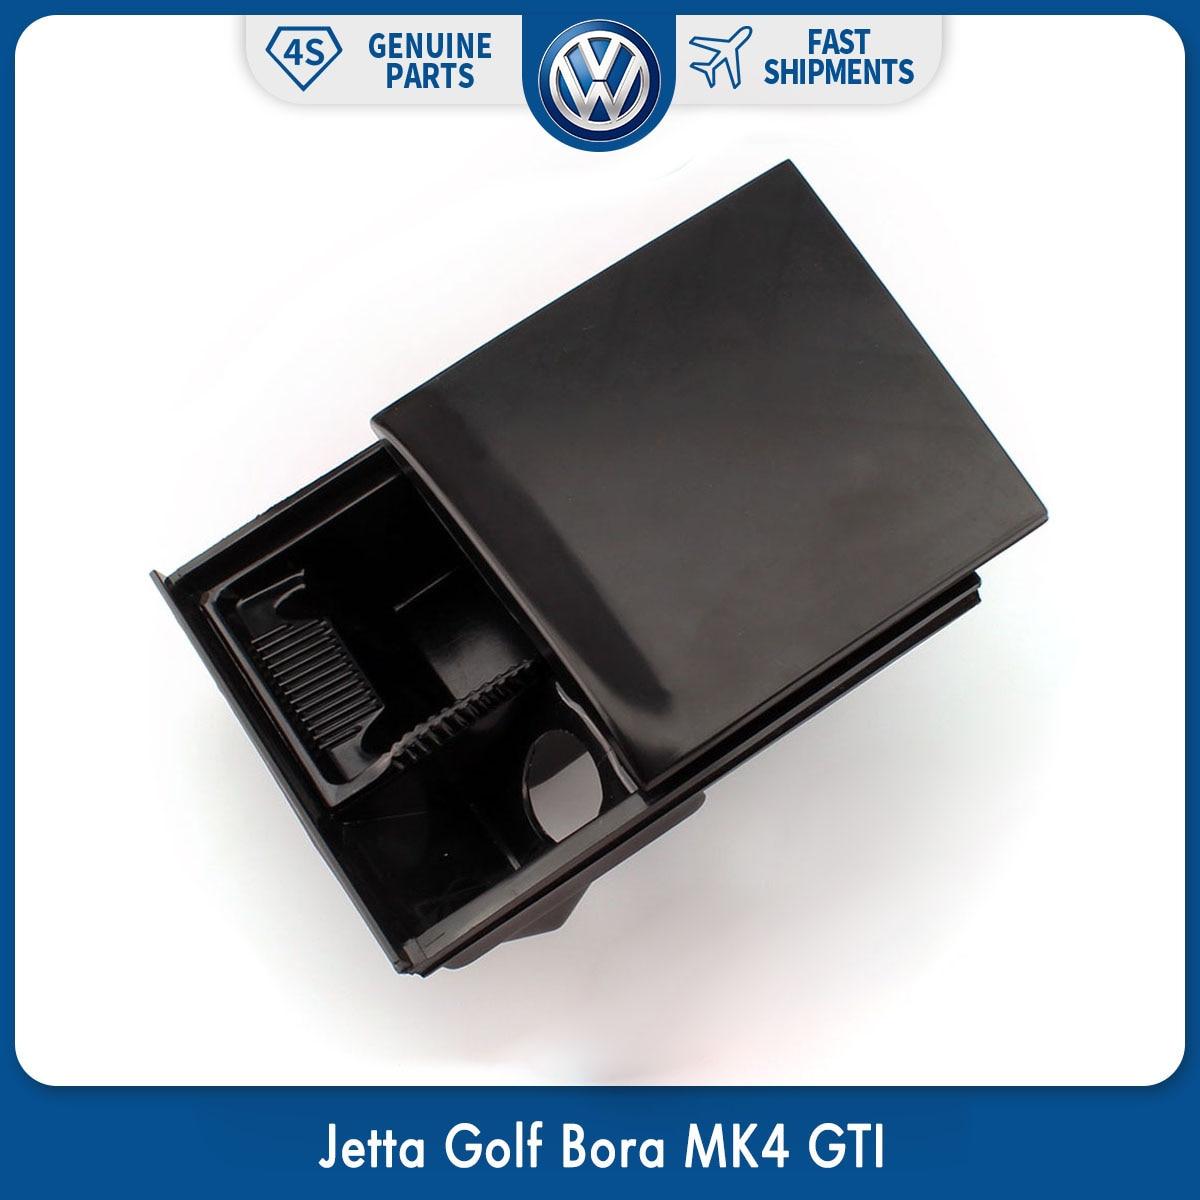 OEM Black Front Interior Centre Console Car Cigarette Ashtray for VW Volkswagen Jetta Golf Bora MK4 GTI 1J0 857 961 G